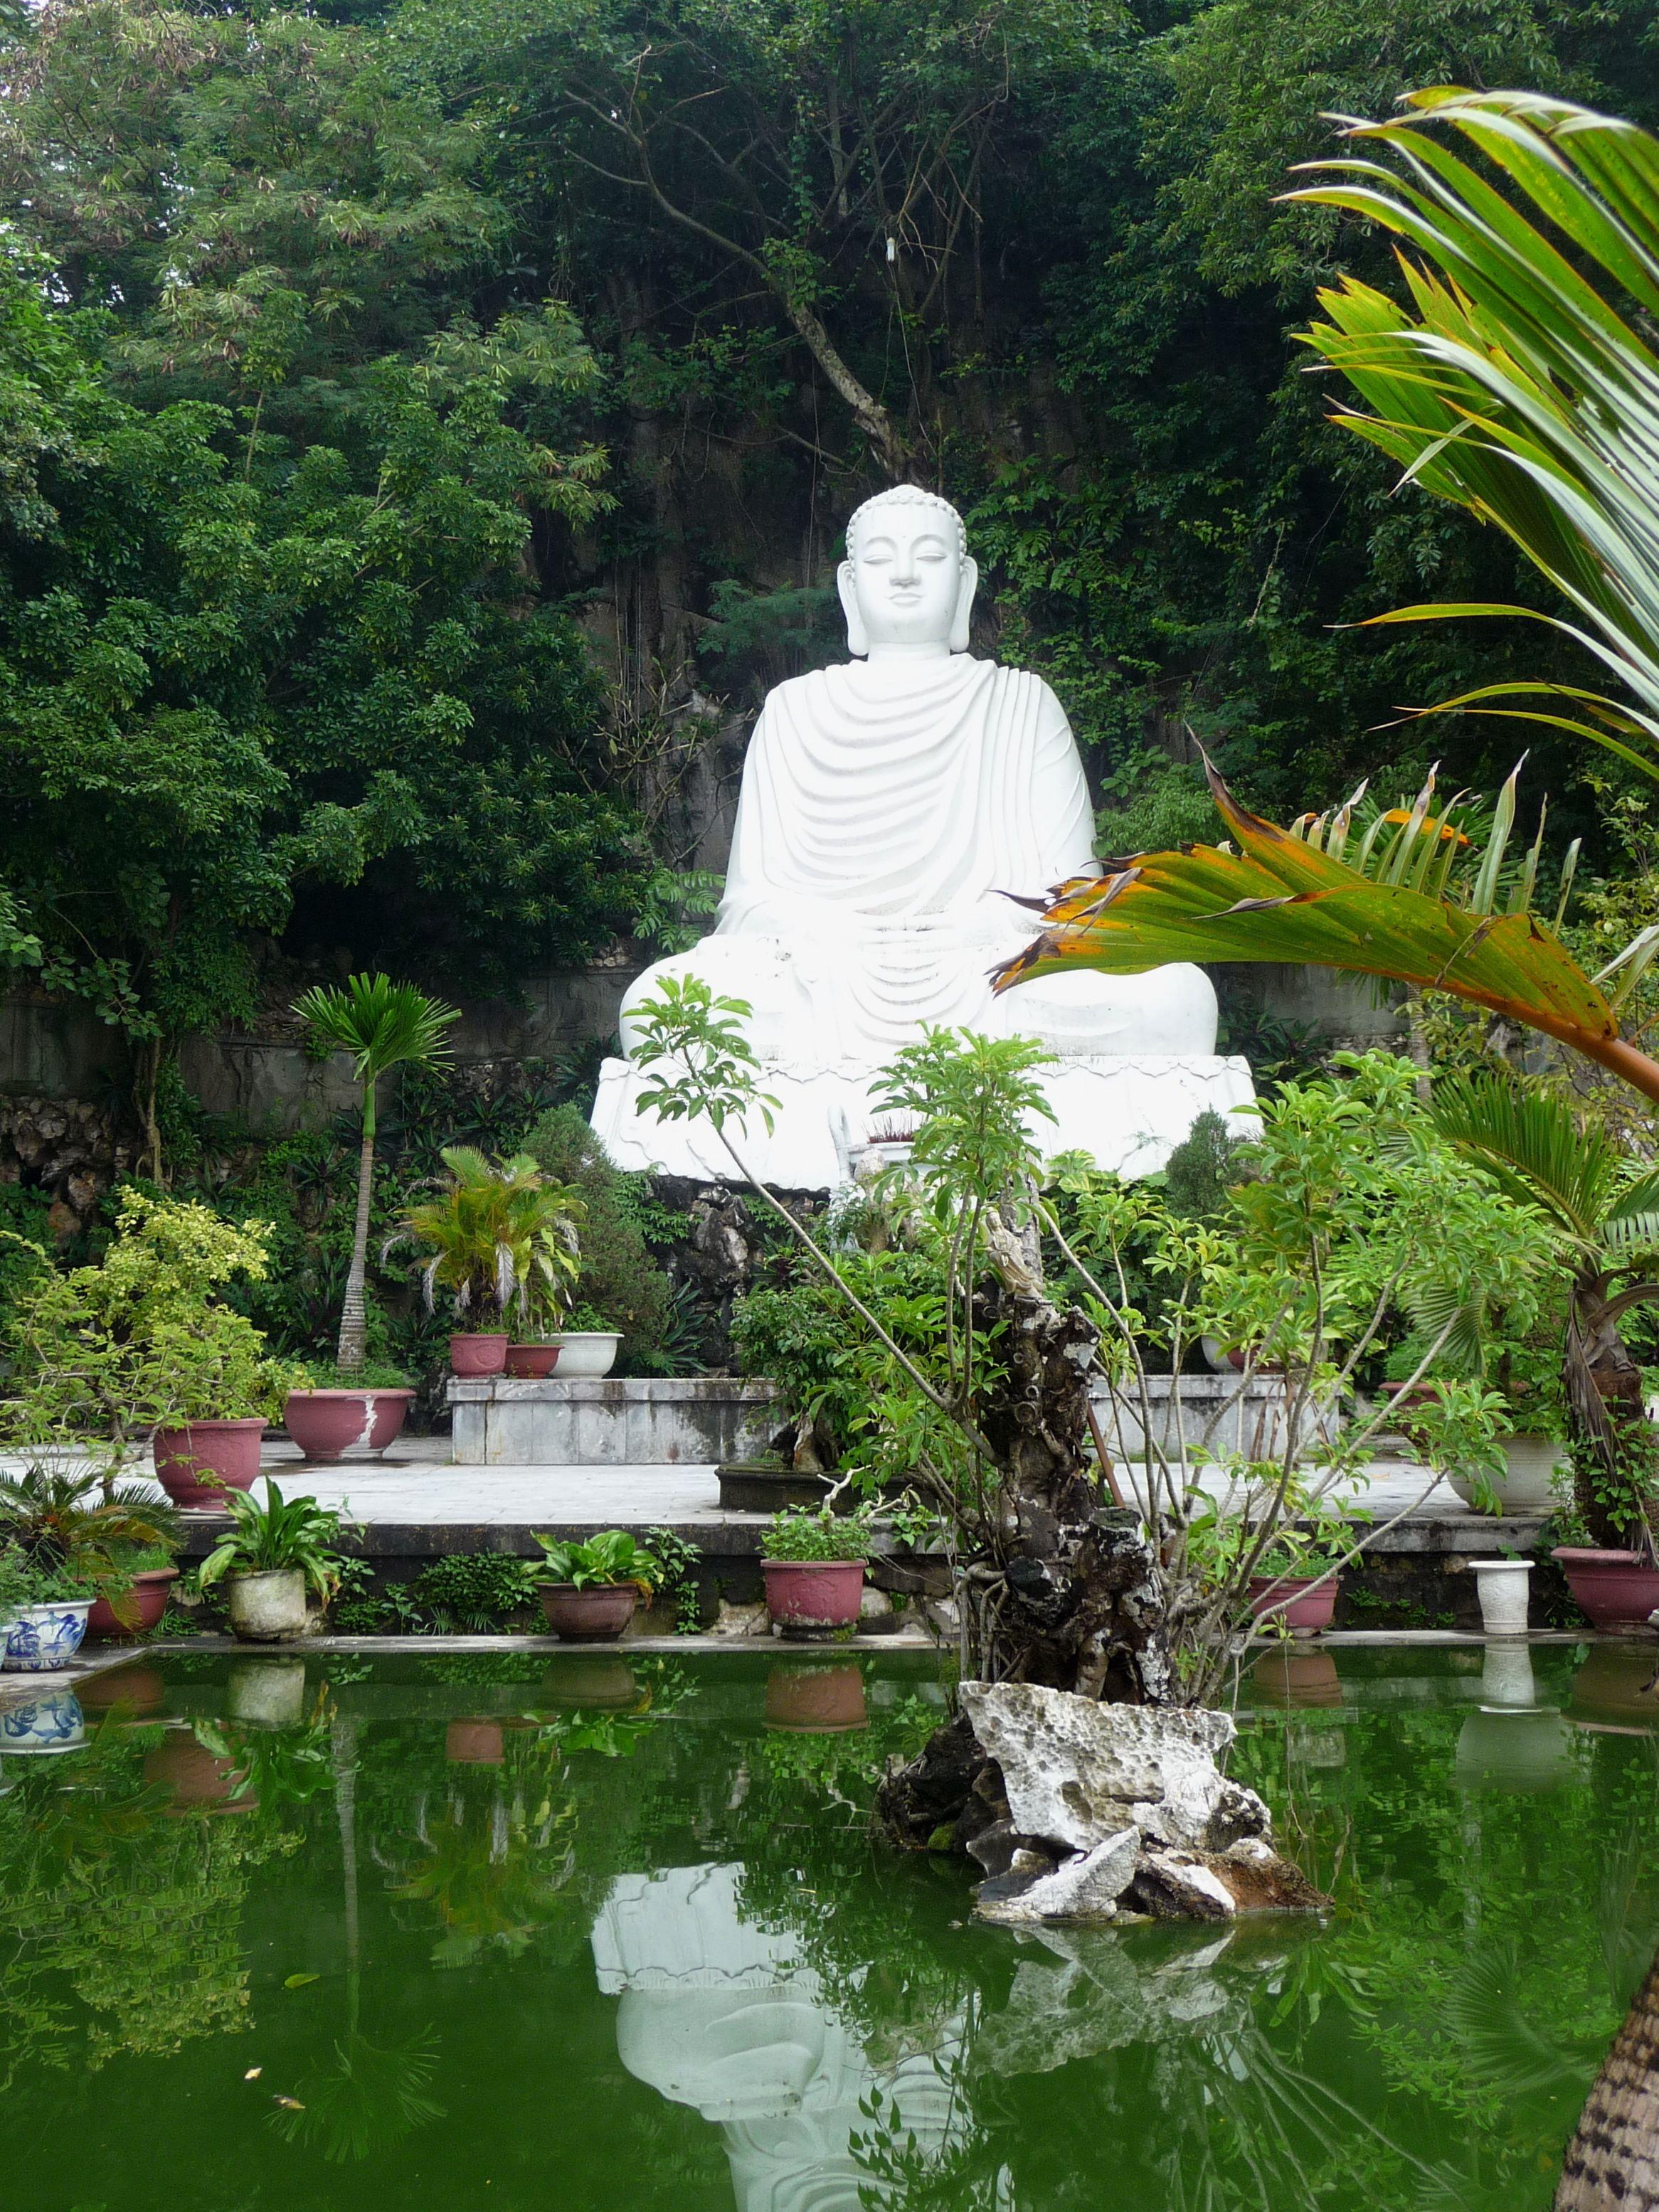 Grosser Buddha auf Marble Mountains in der Nähe von Hoi An, Vietnam #marblemountains #hoian #vietnam #vietnamreise #reisebericht #reiseblog #sightseeing #asienreise